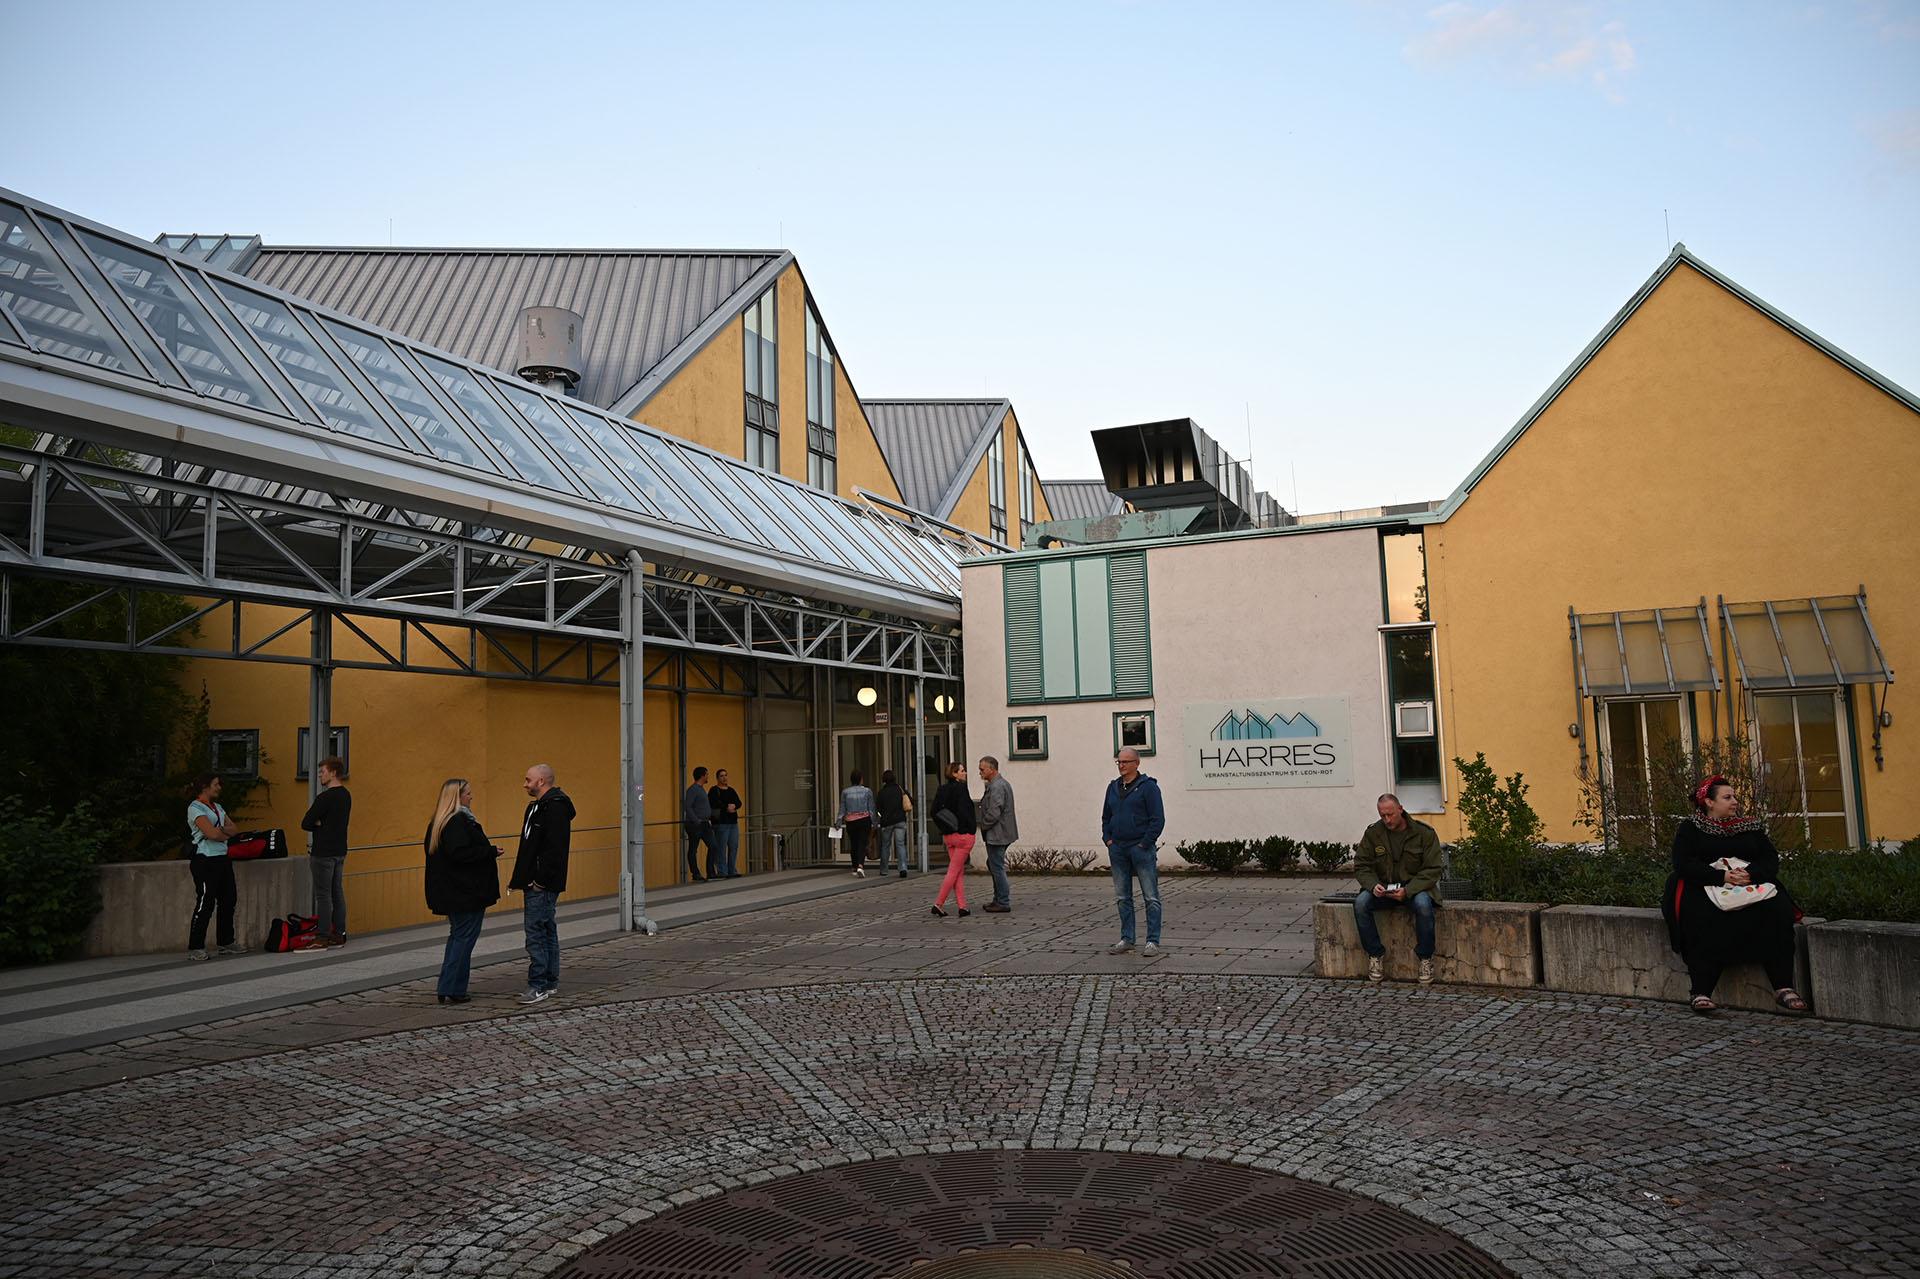 """Veranstaltungszentrum """"Harres"""" in St. Leon-Rot"""